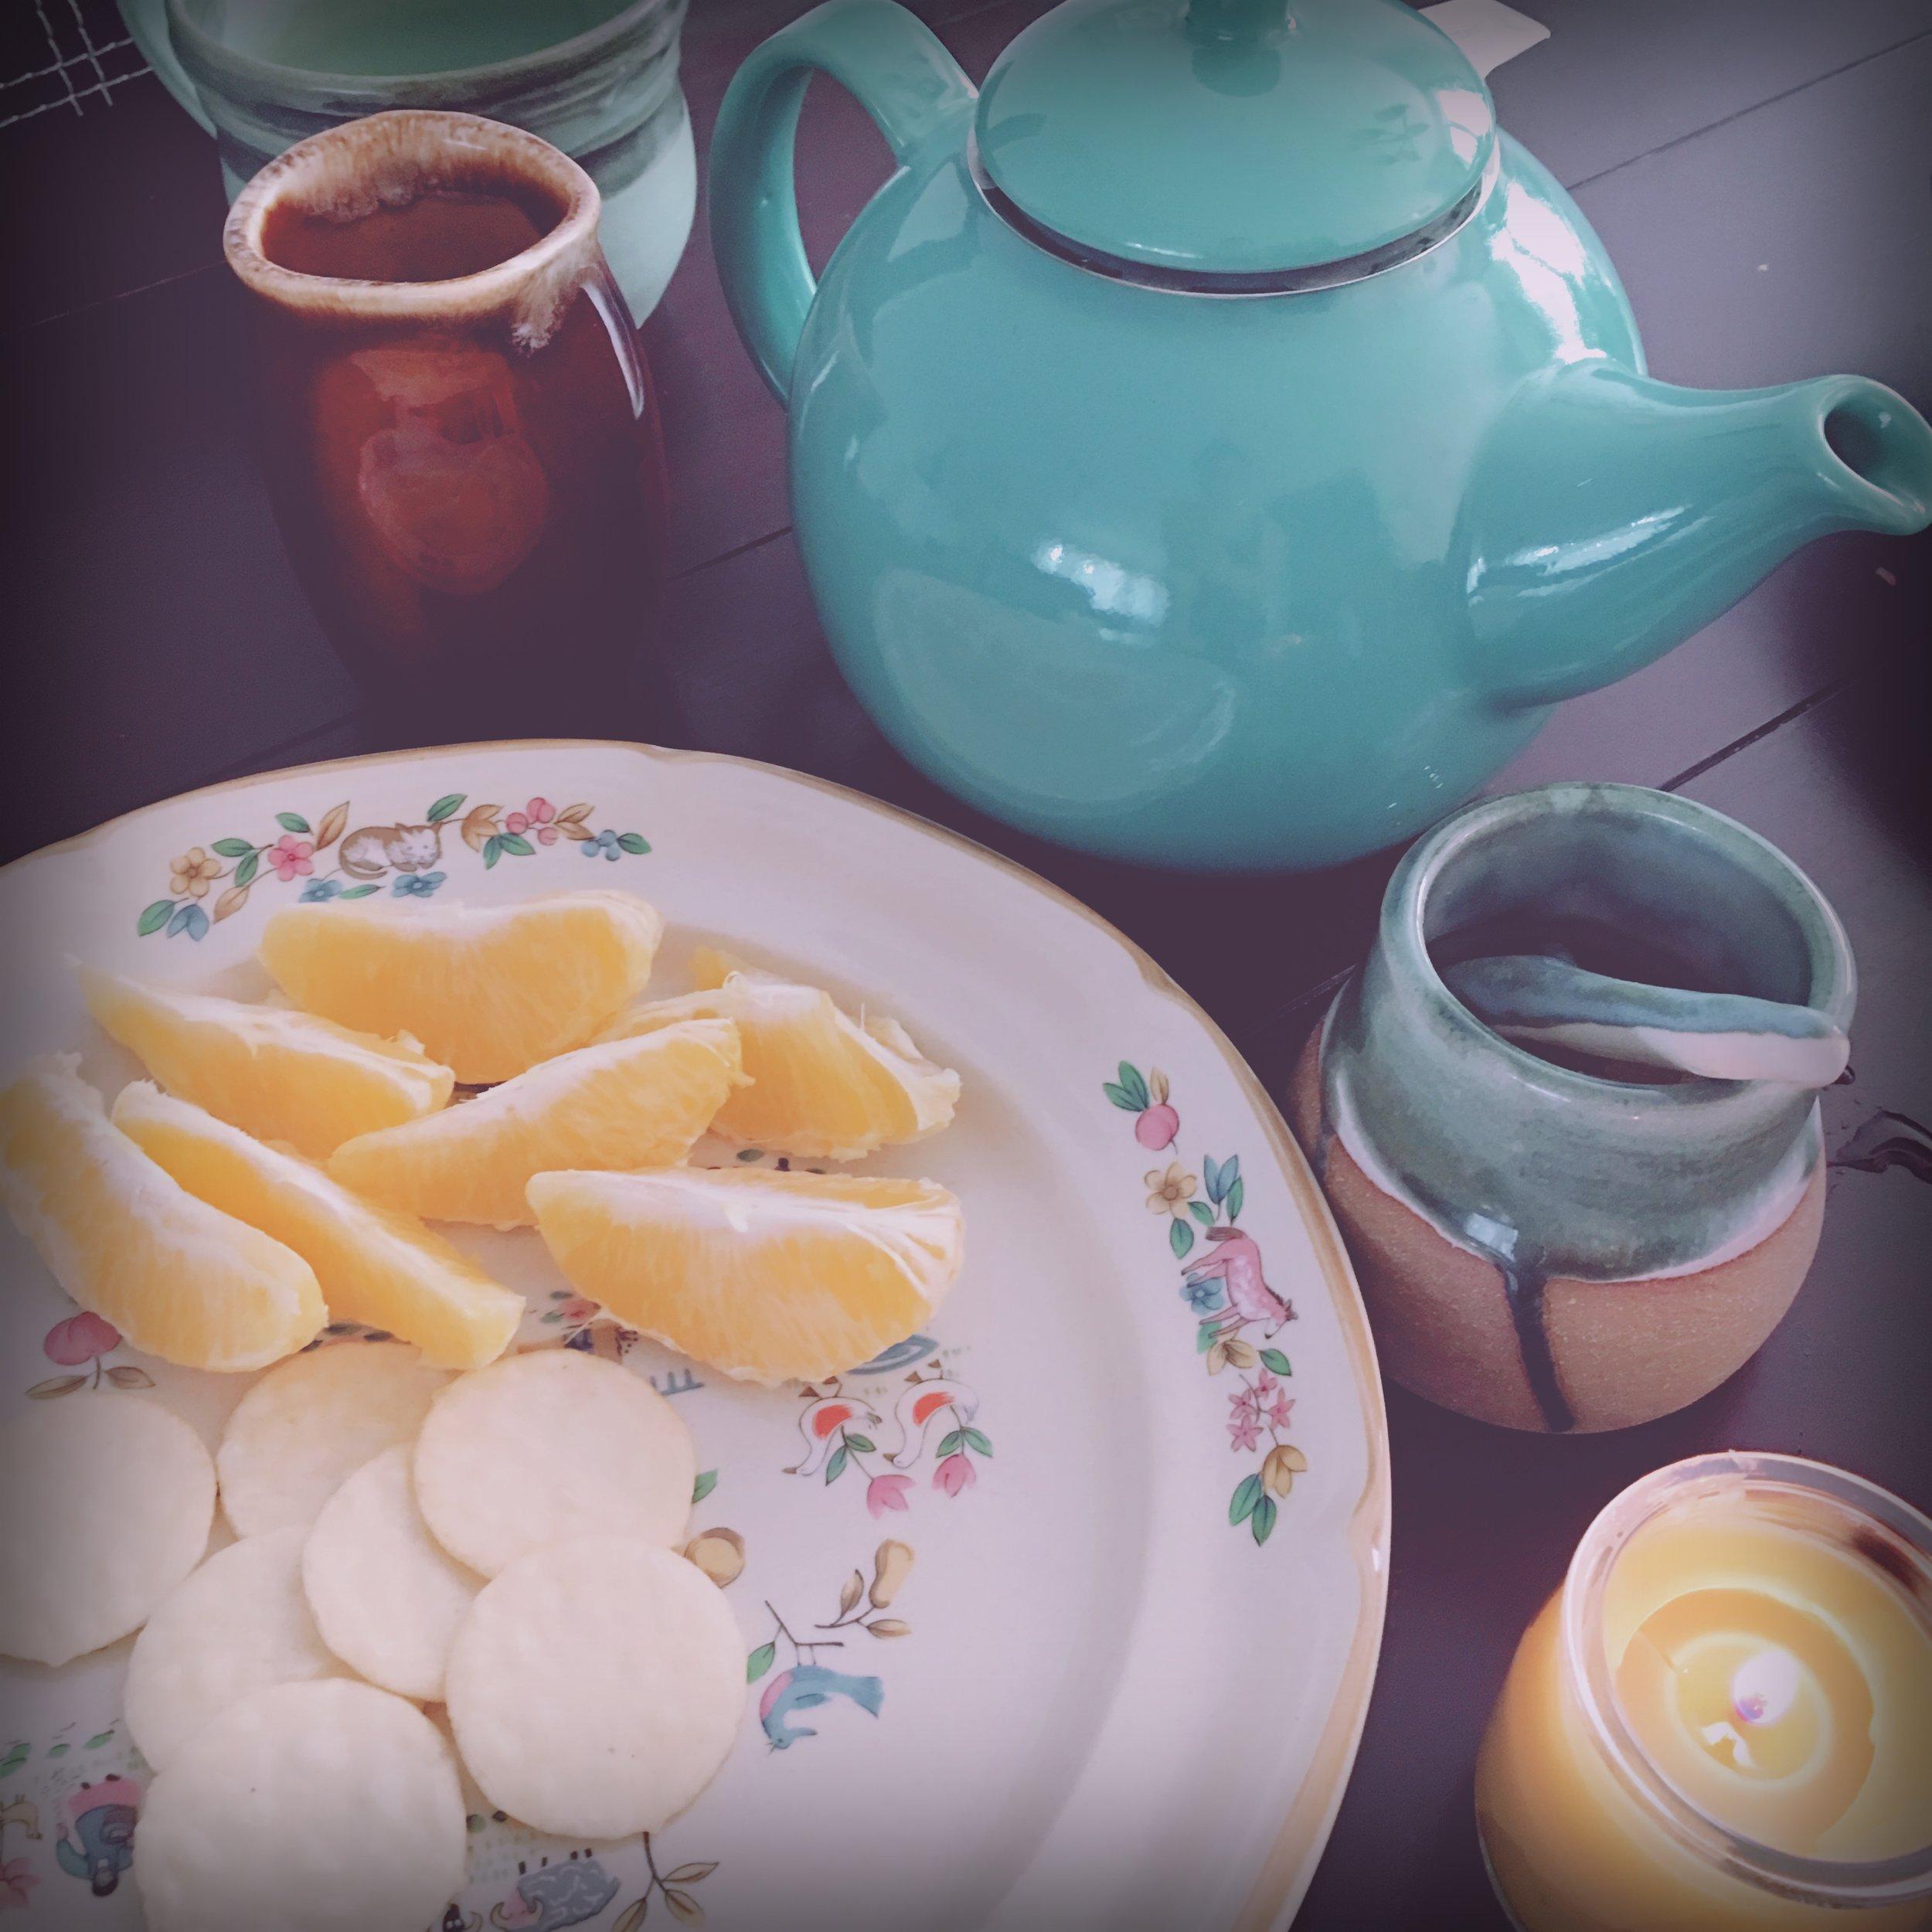 tea and oranges.jpeg